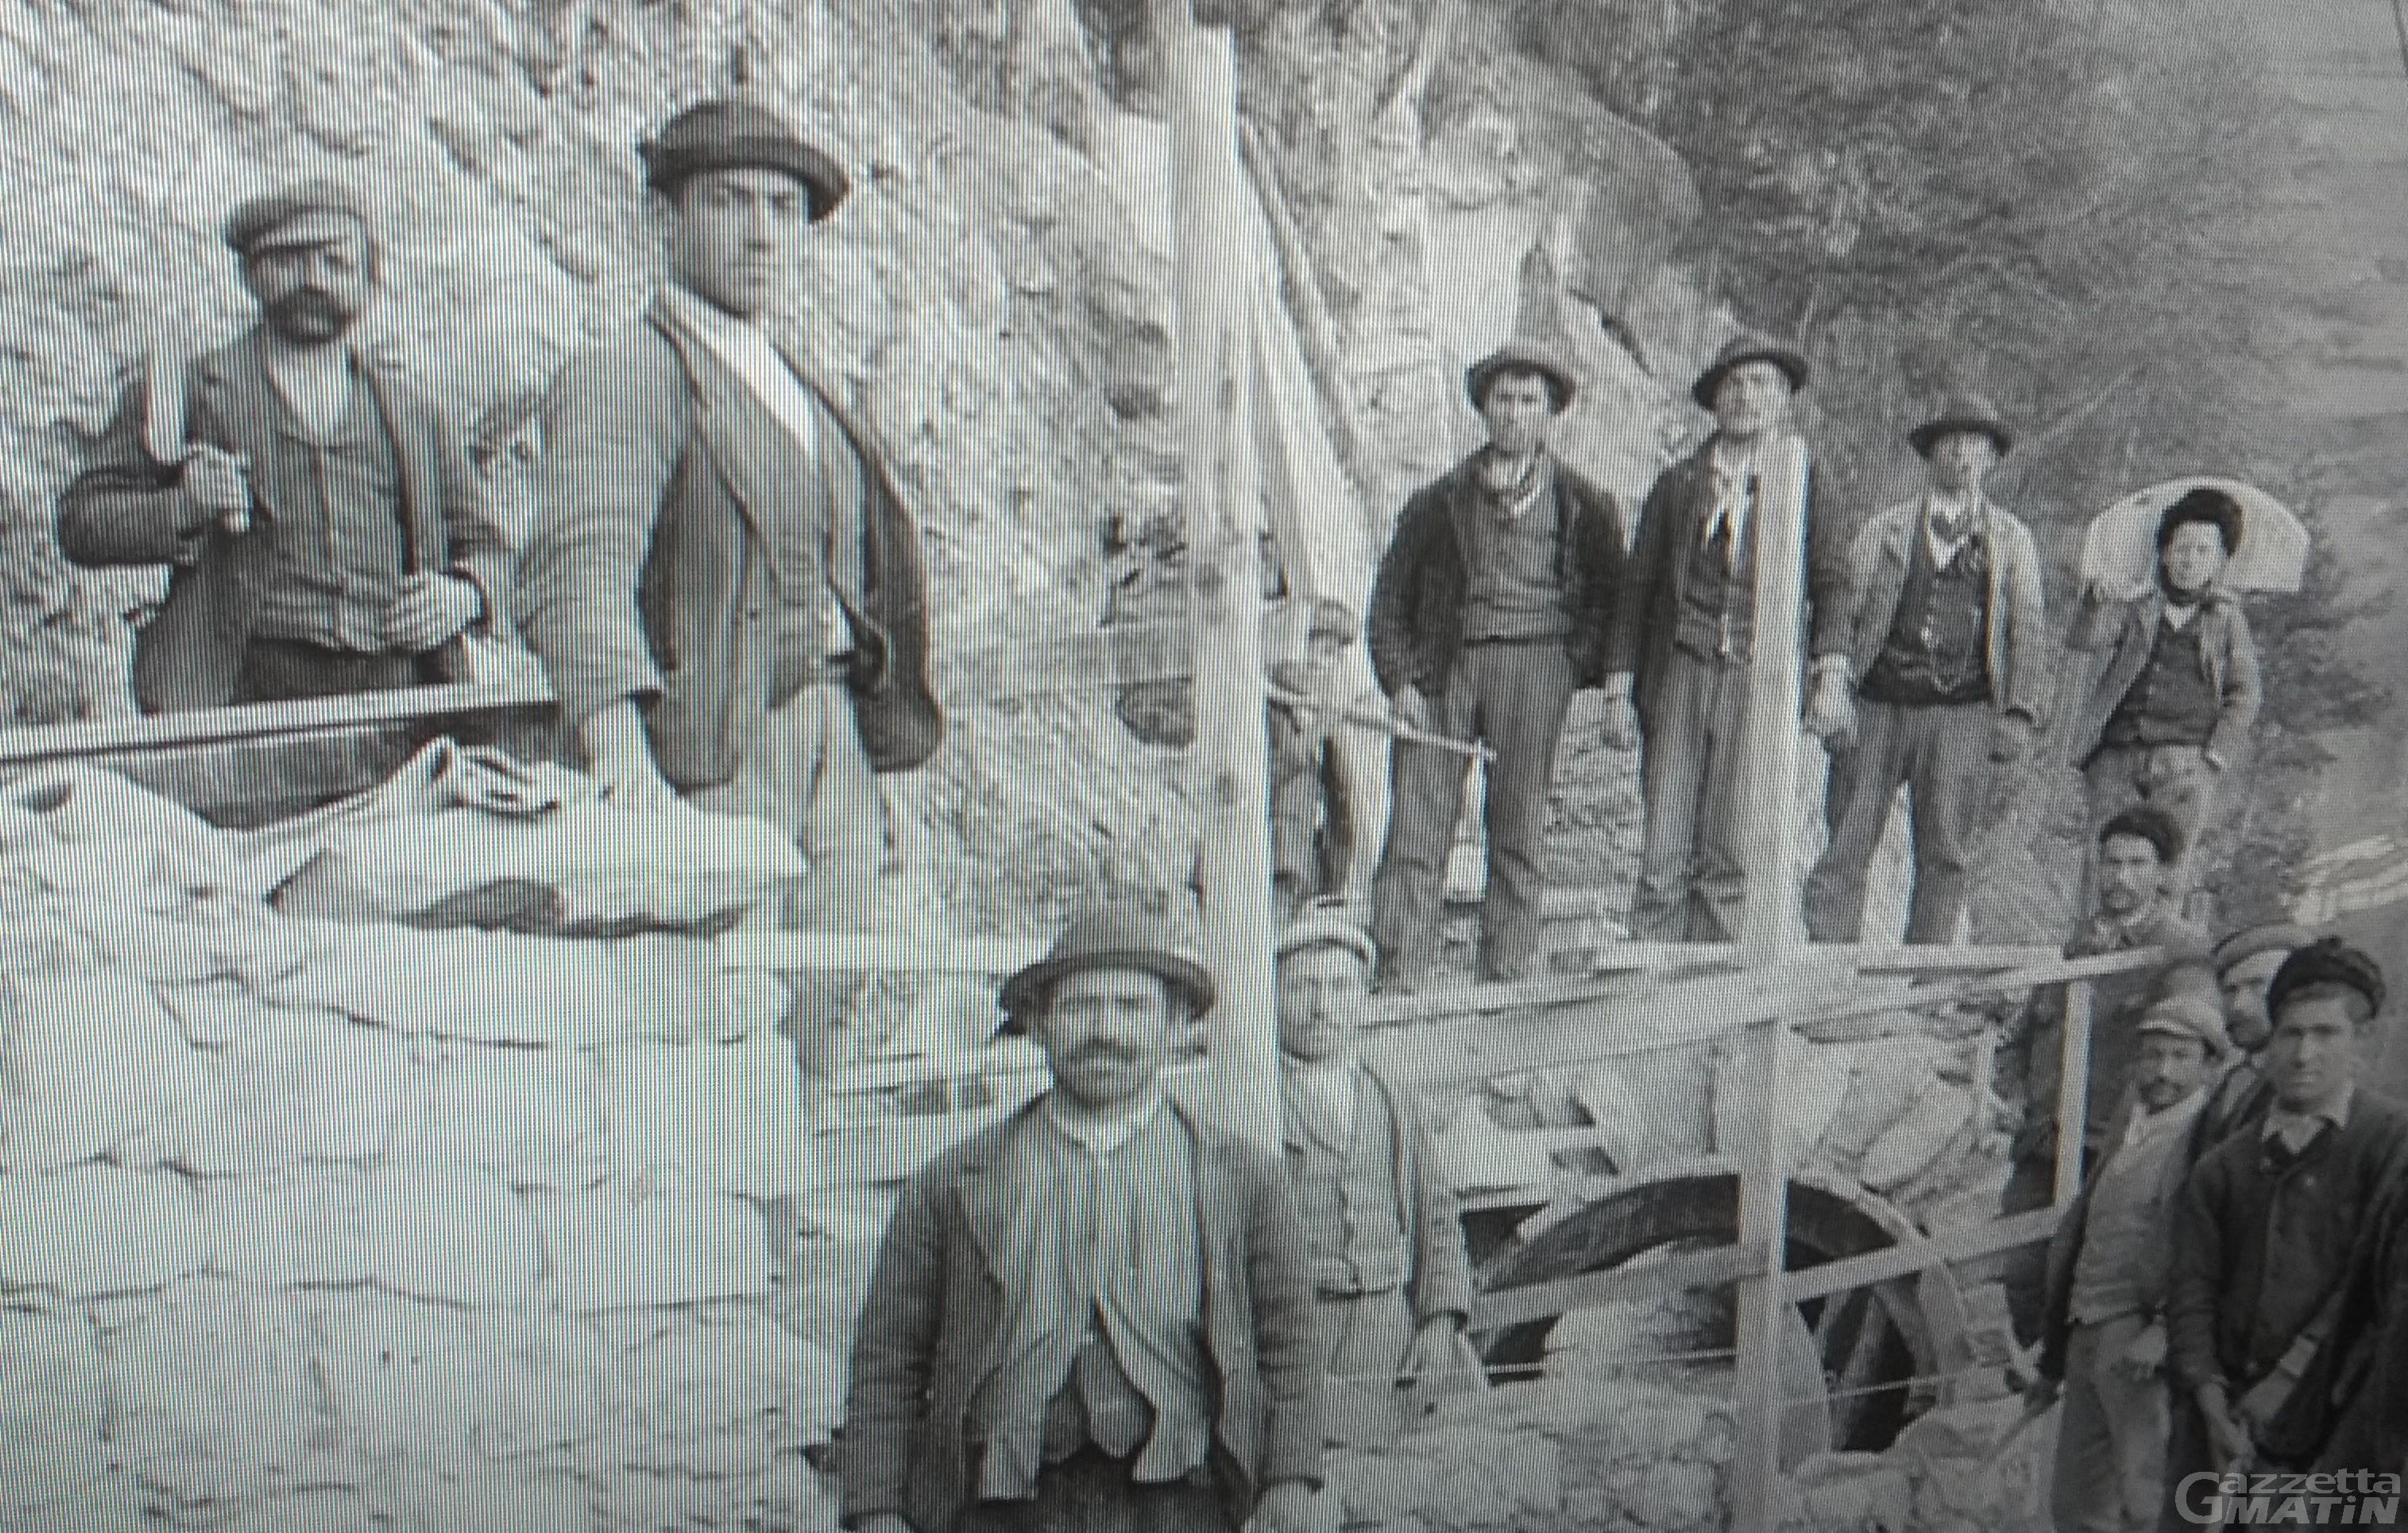 Challand-Saint-Anselme: l'esposizione dello storico fotografo Joseph Herbet